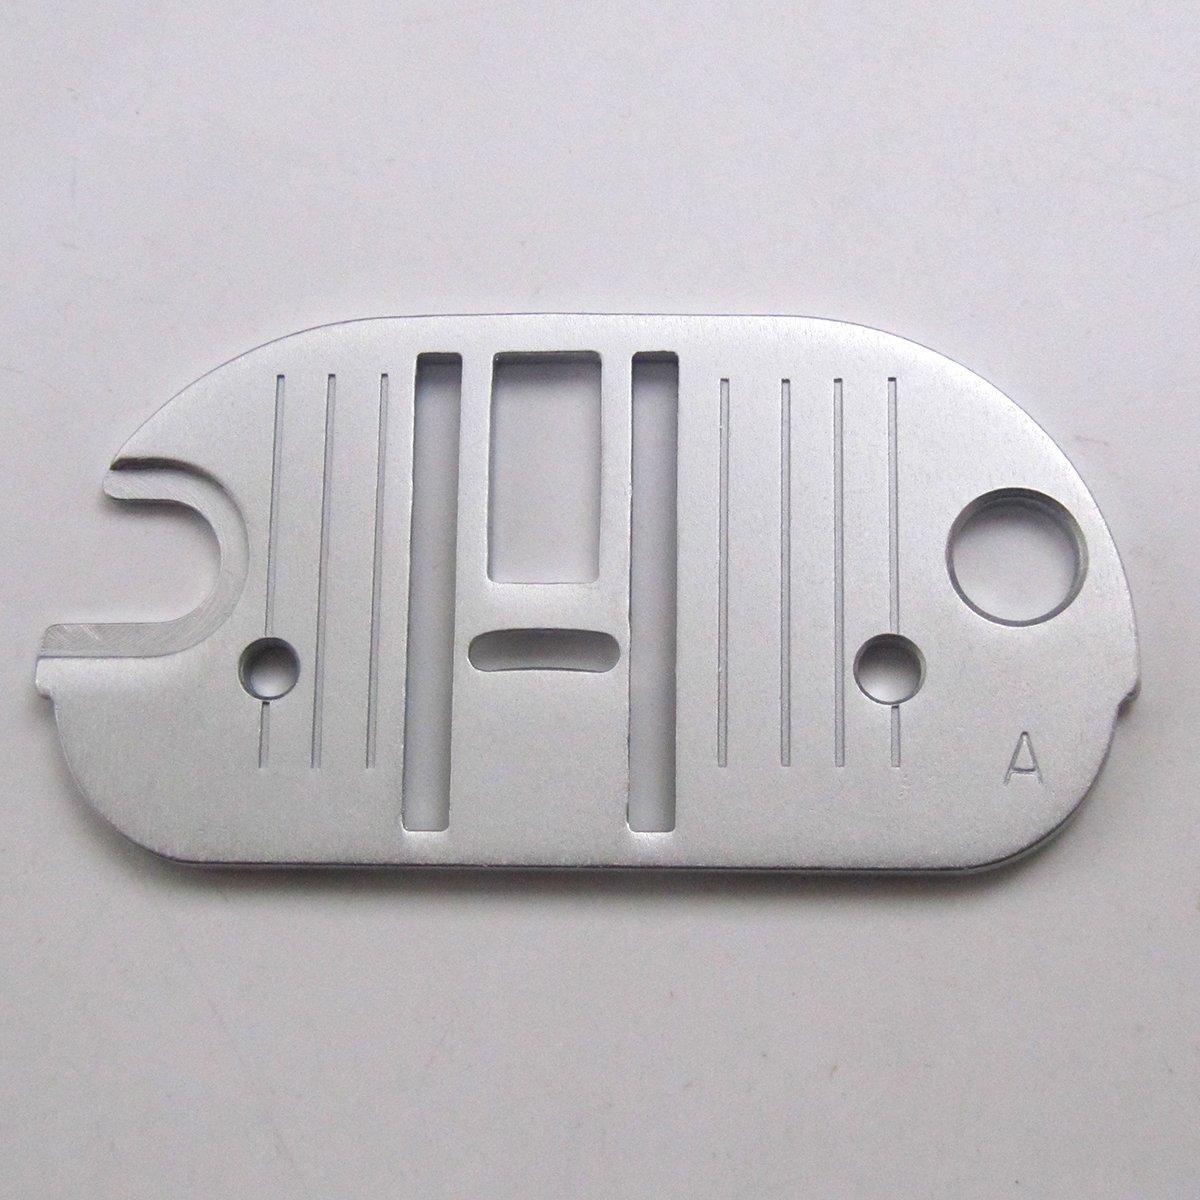 KUNPENG - Needle Plate for SINGER zig zag 4500 4600 6200 7000 9000 9100 9400 series #312777 2PCS